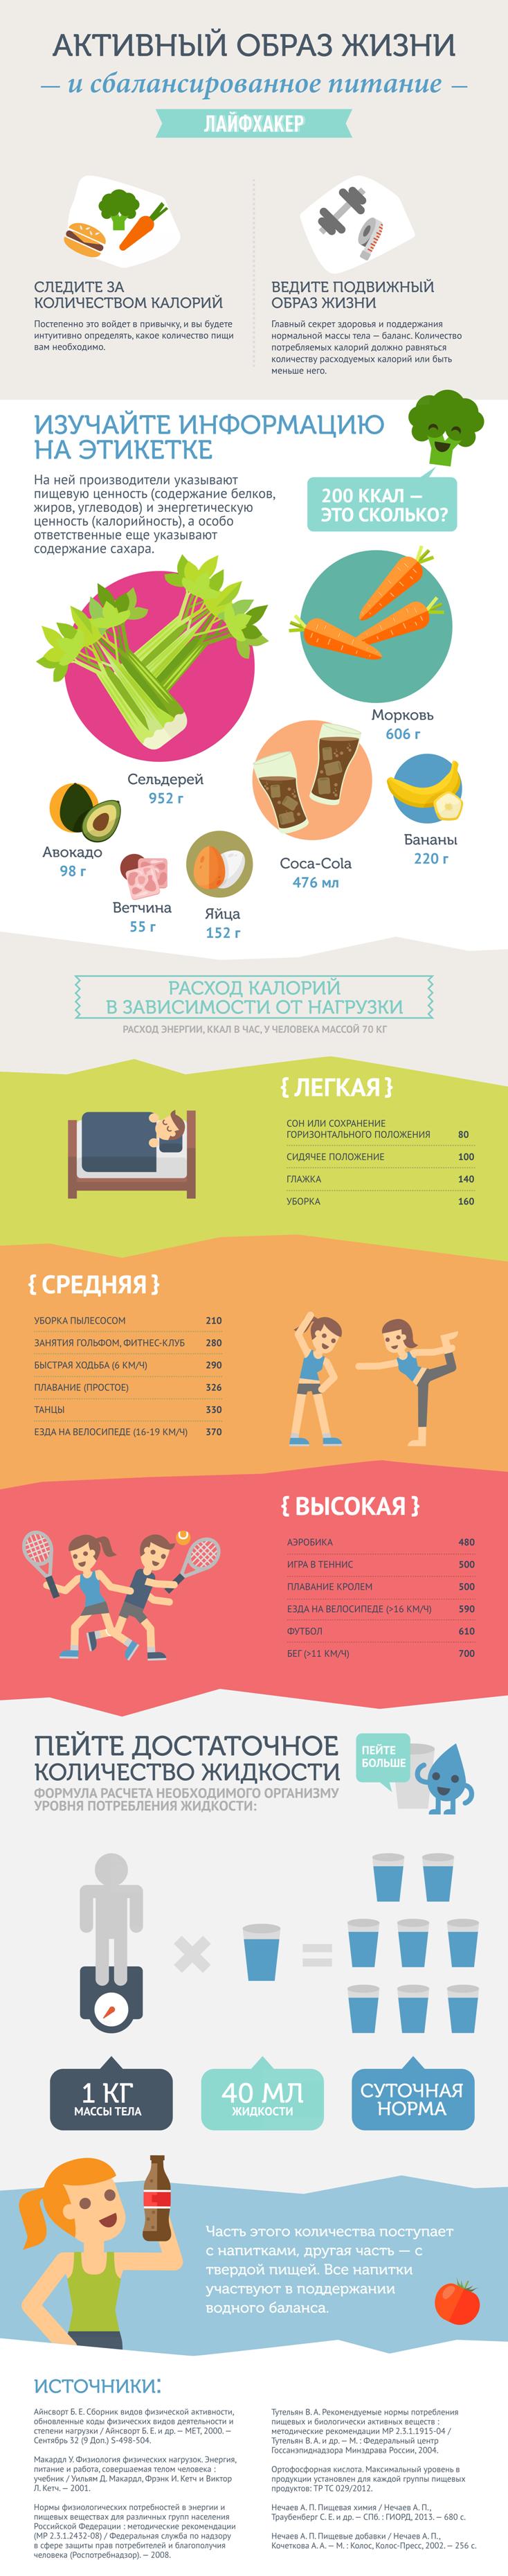 здоровый образ жизни (инфорграфика)